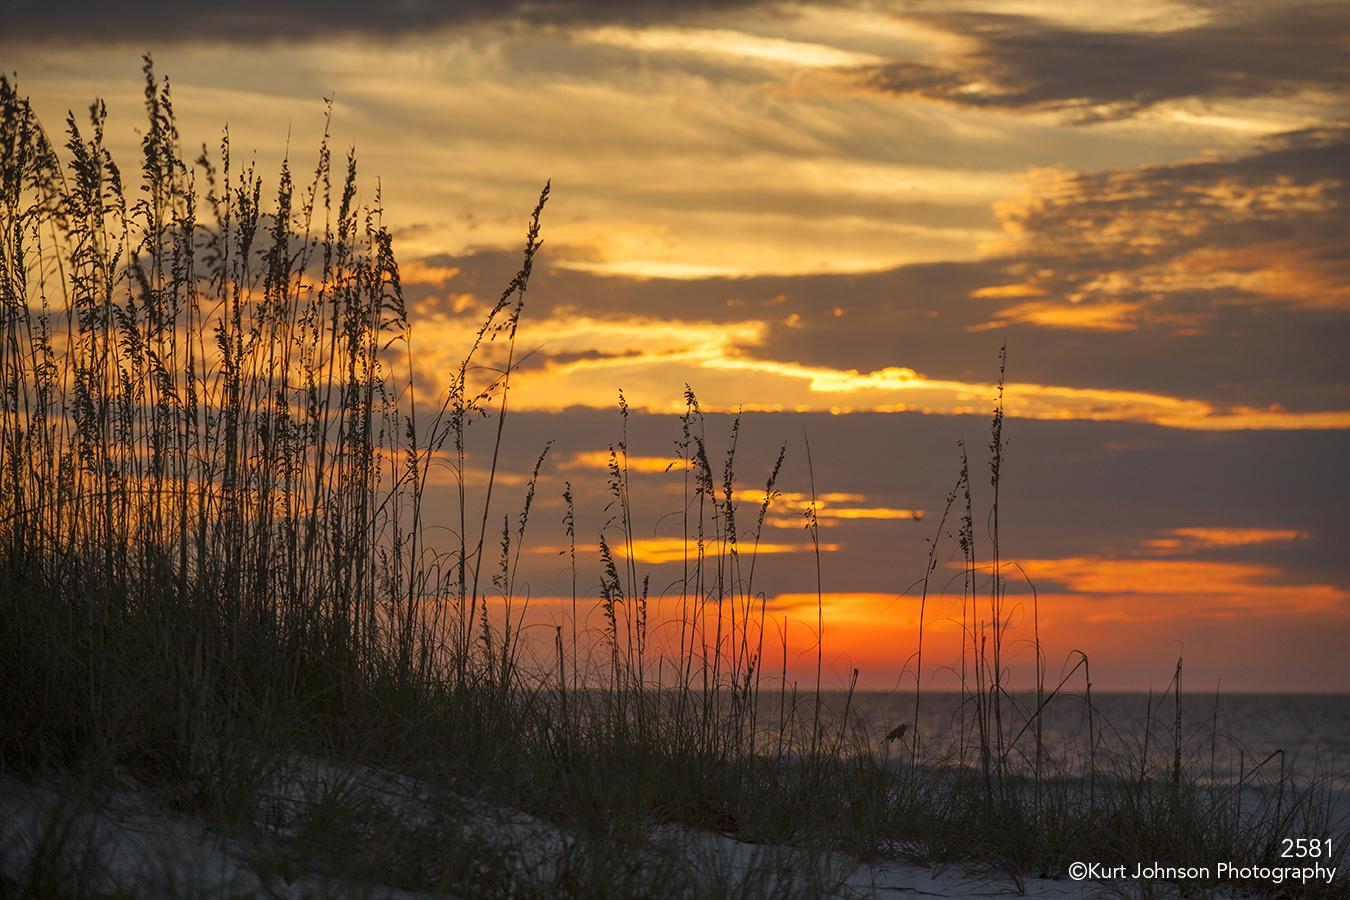 sunset landscape waterscape beach grasses